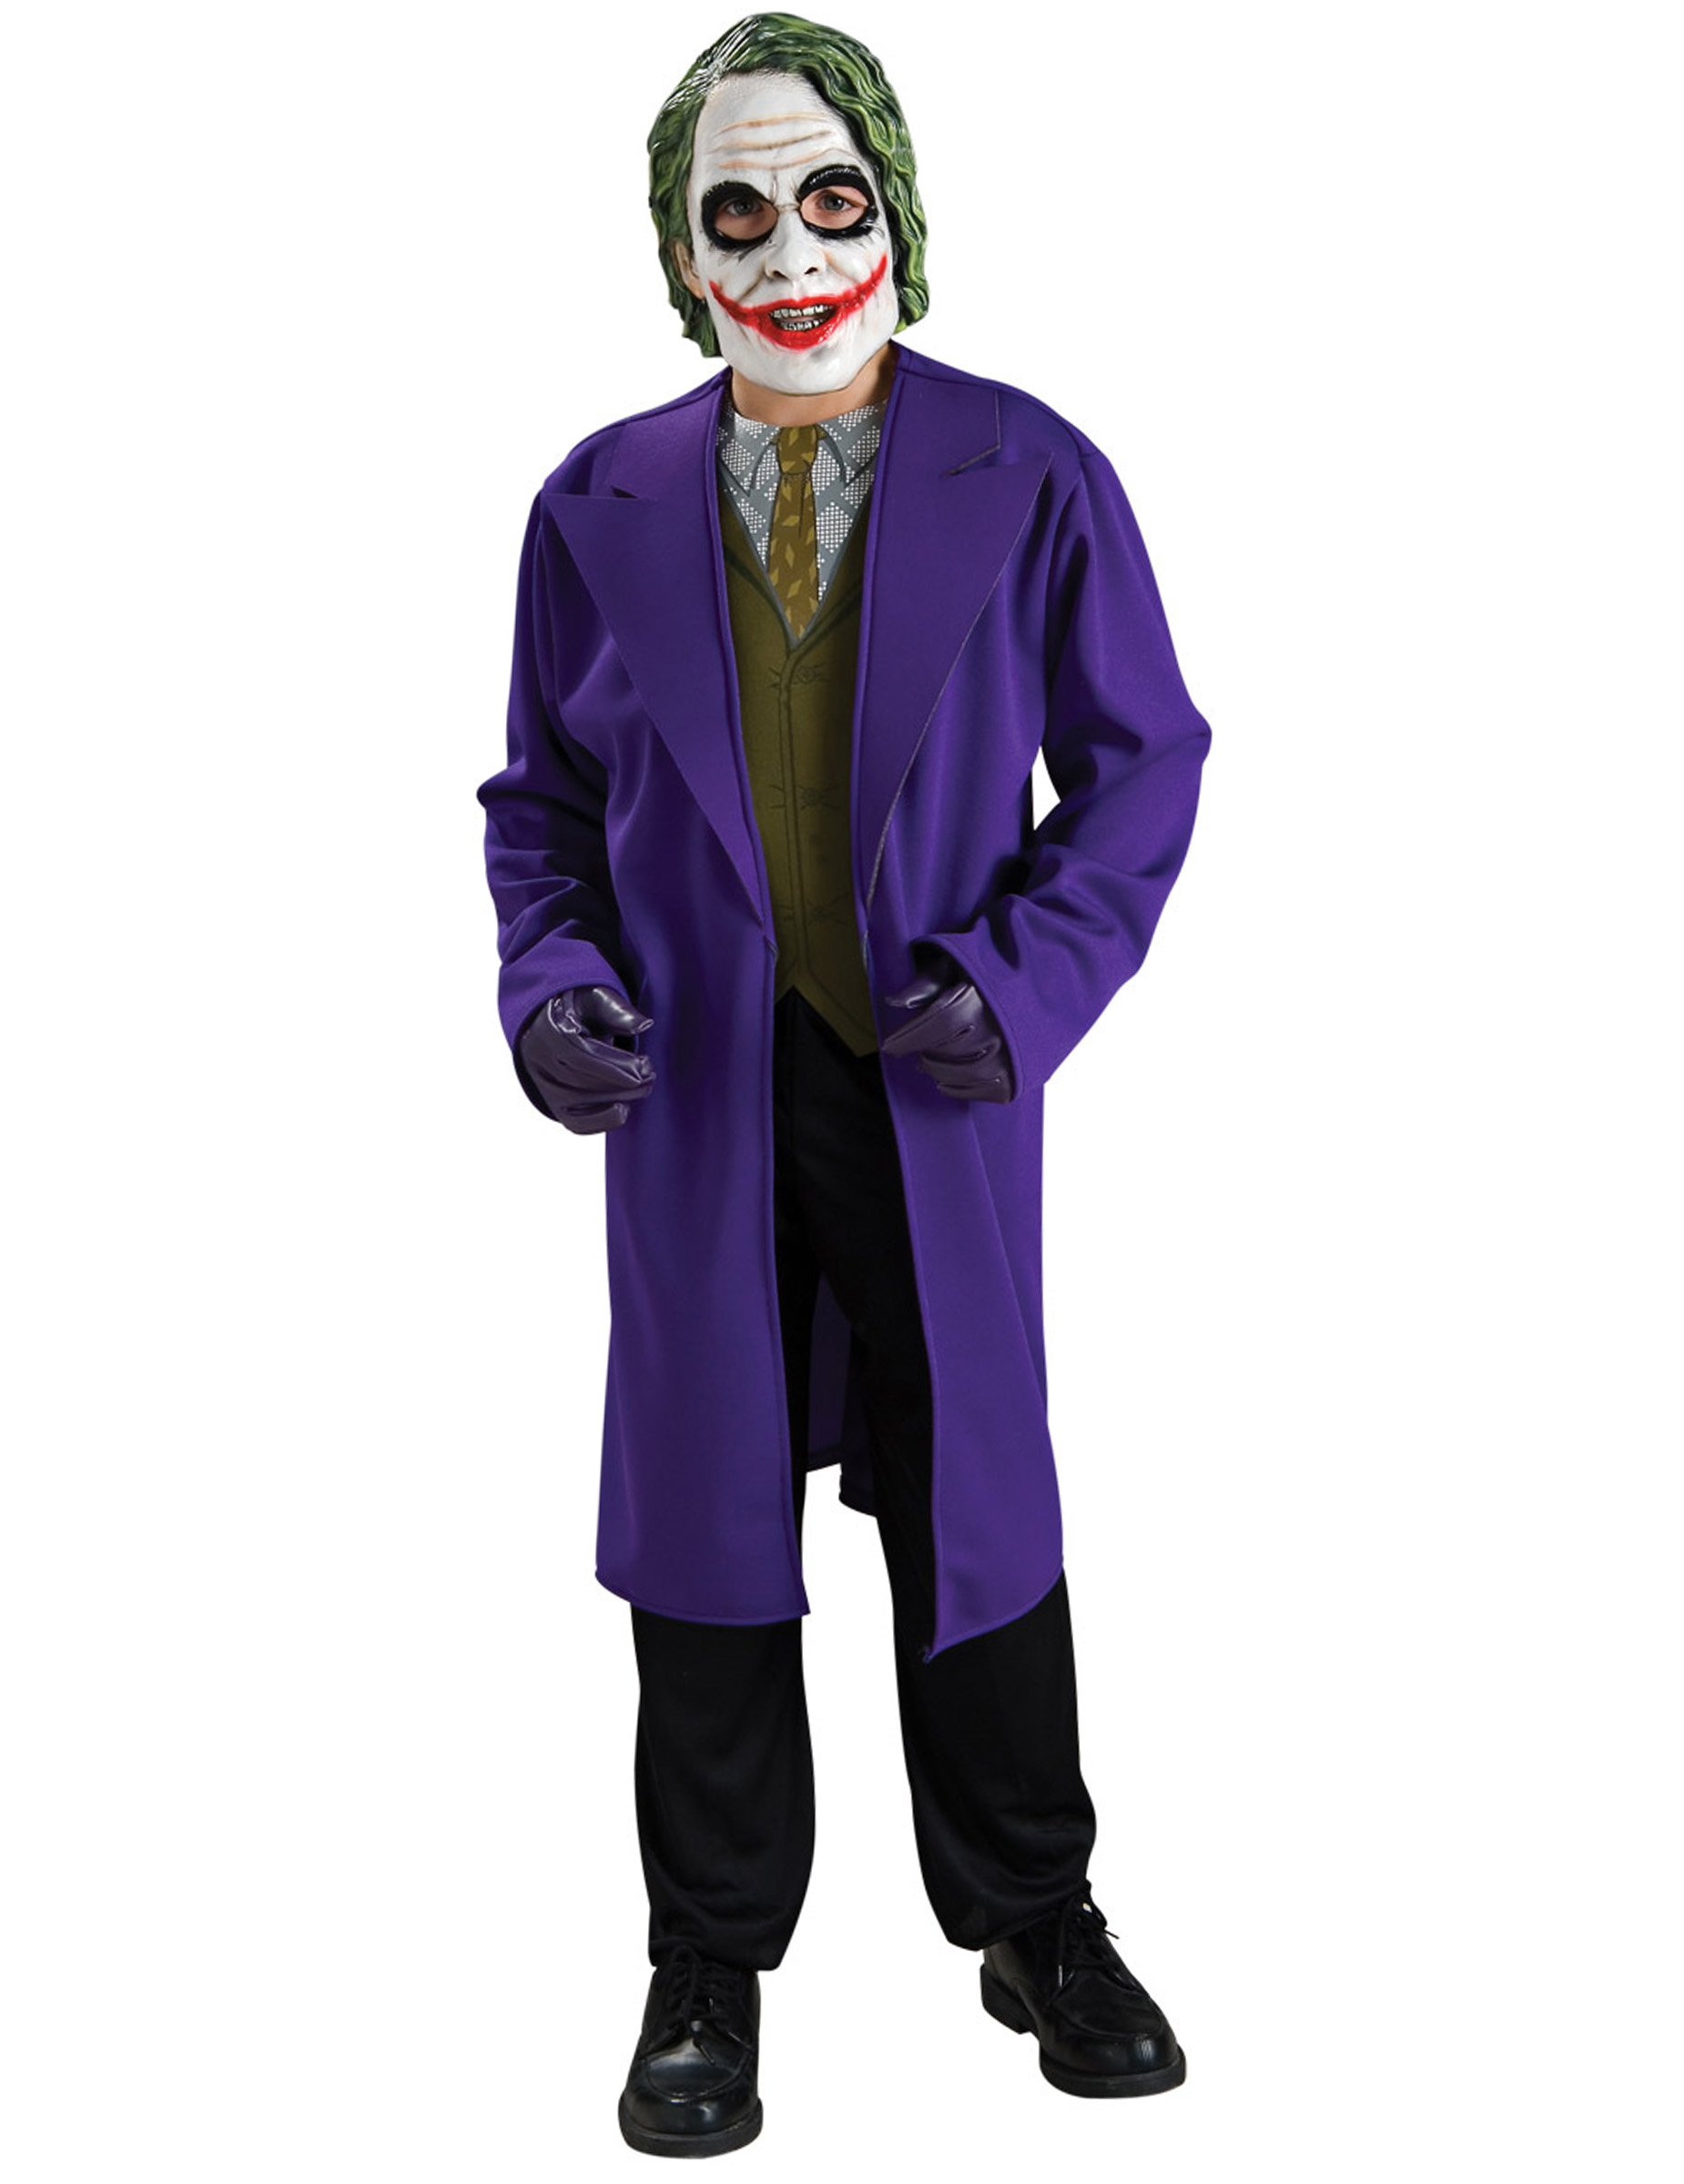 Deguisement Joker garçon